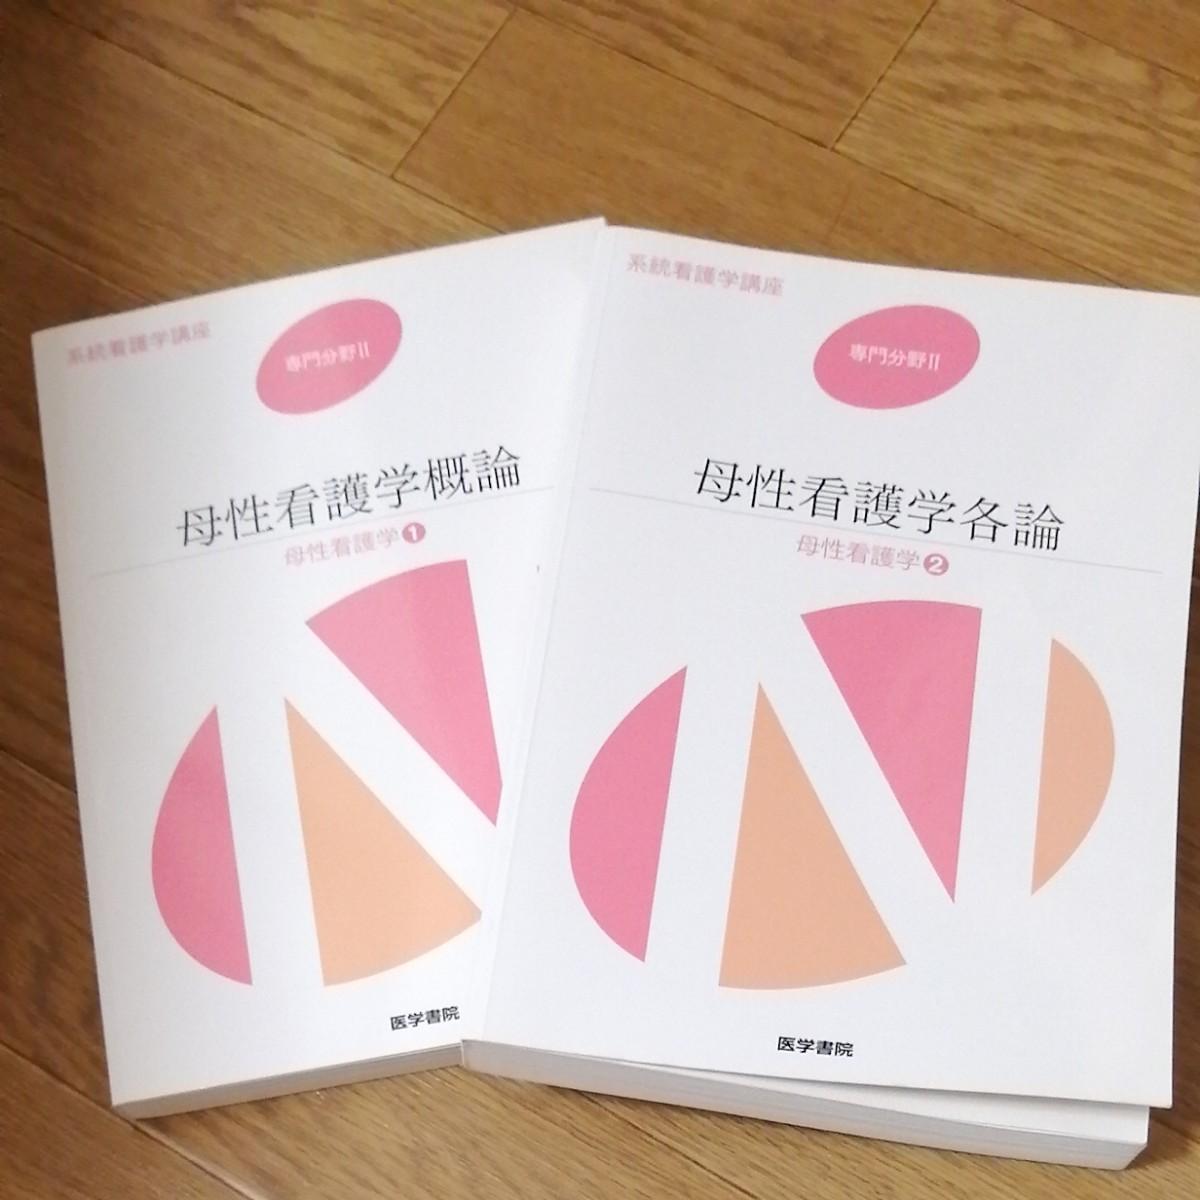 系統看護学講座 専門分野Ⅱ 母性看護学1.2「母性看護学概論」「母性看護学各論」